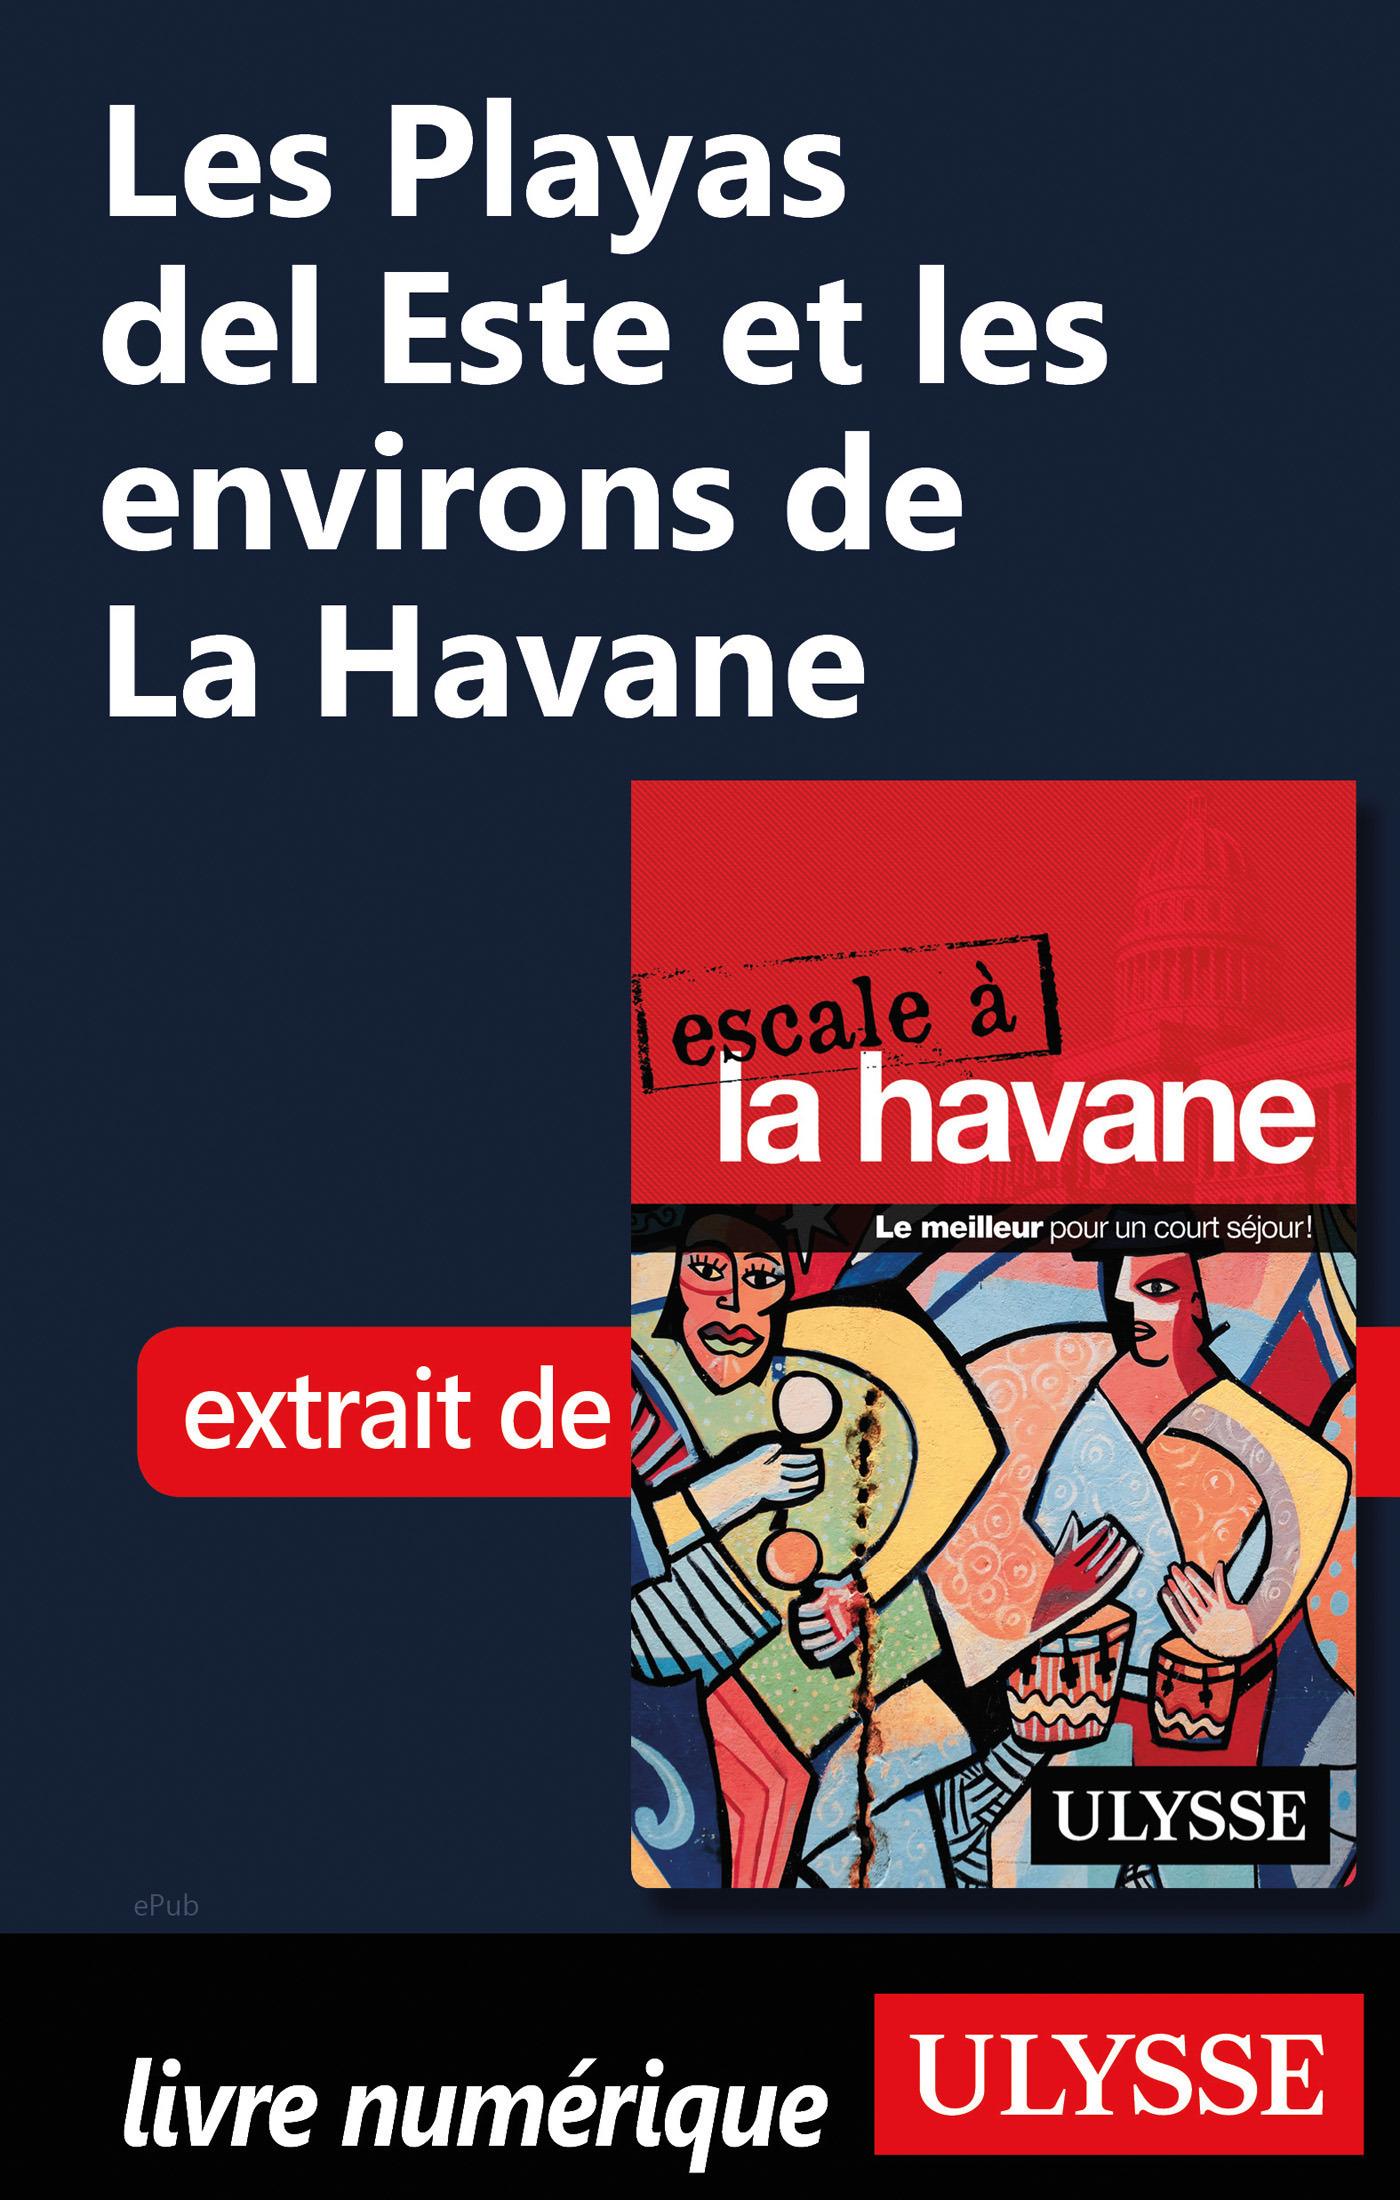 Les Playas del Este et les environs de La Havane